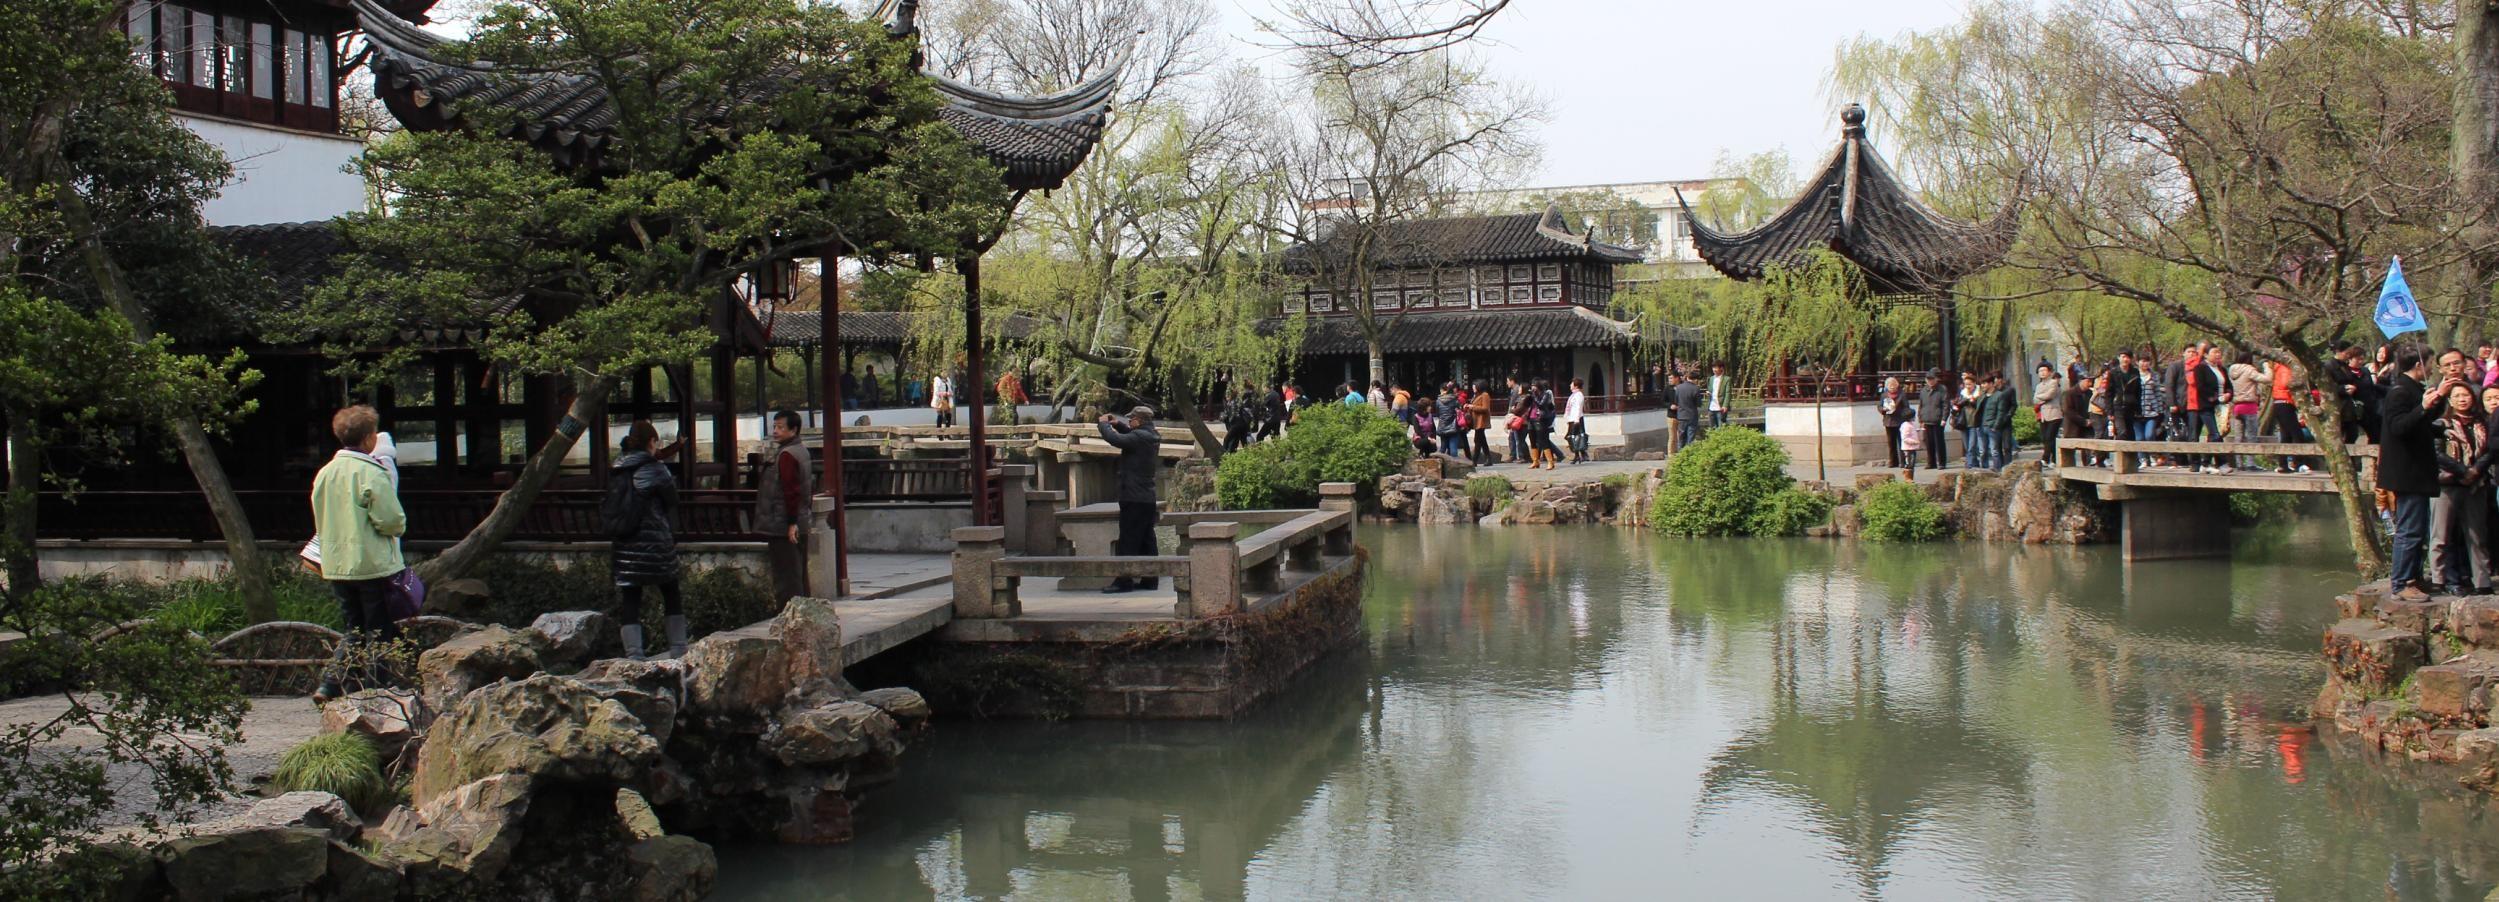 Tour de un día a Suzhou privada de Shanghai en tren rápido